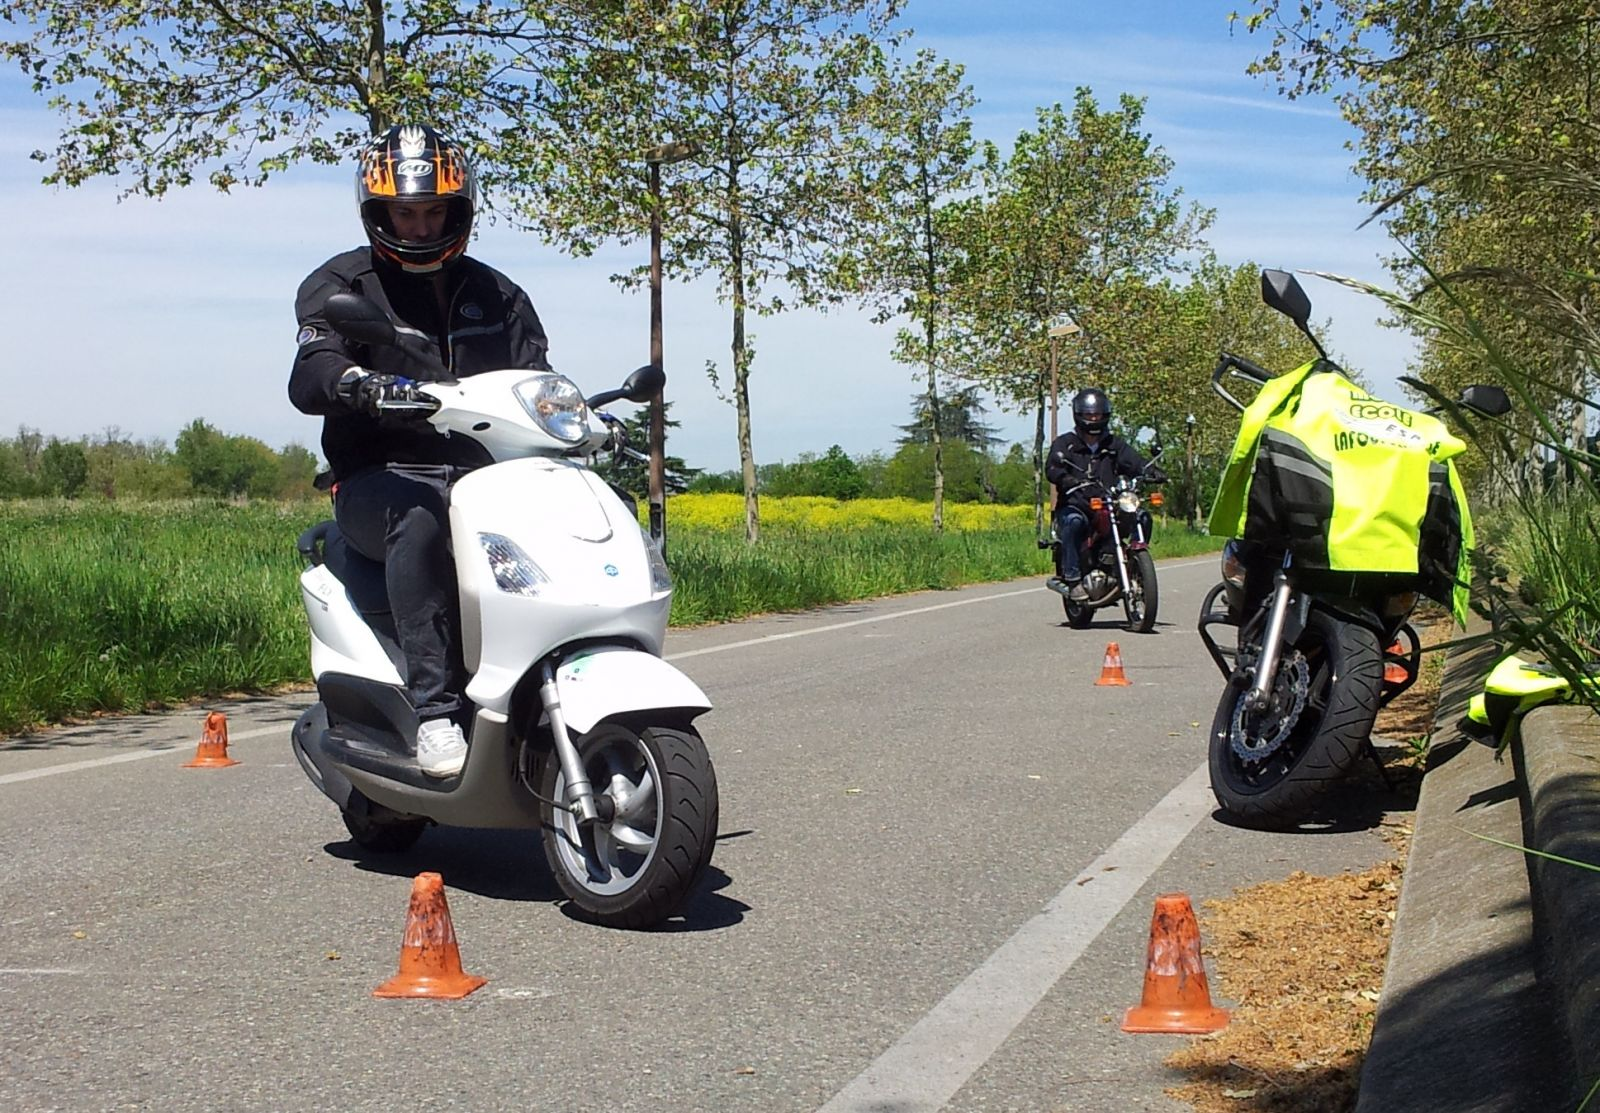 Apprendre a conduire moto 125